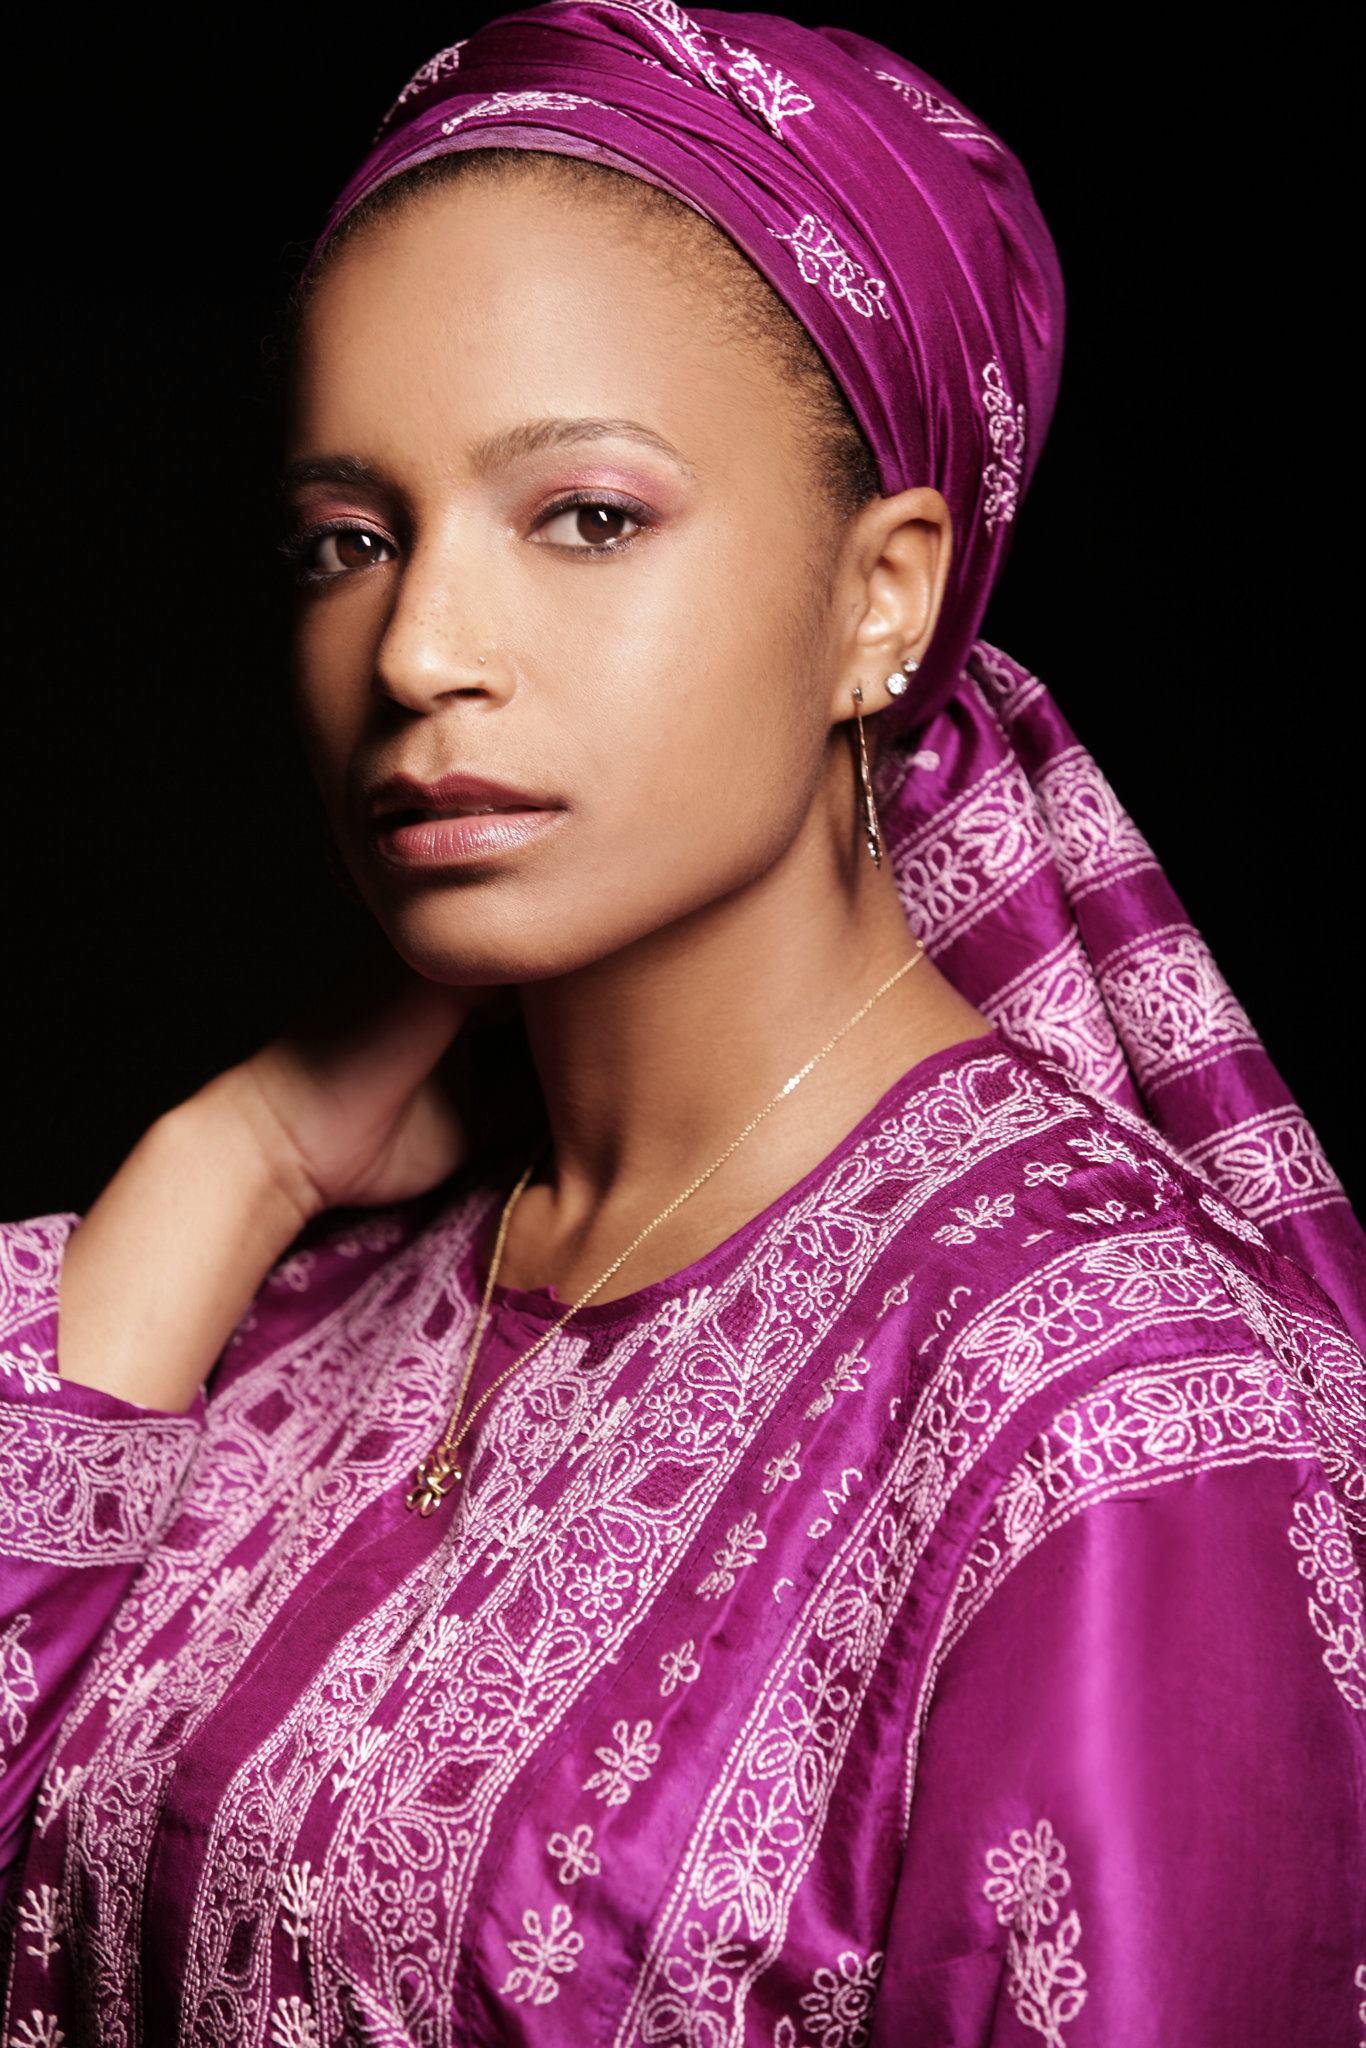 Photo: Muslimah Montage